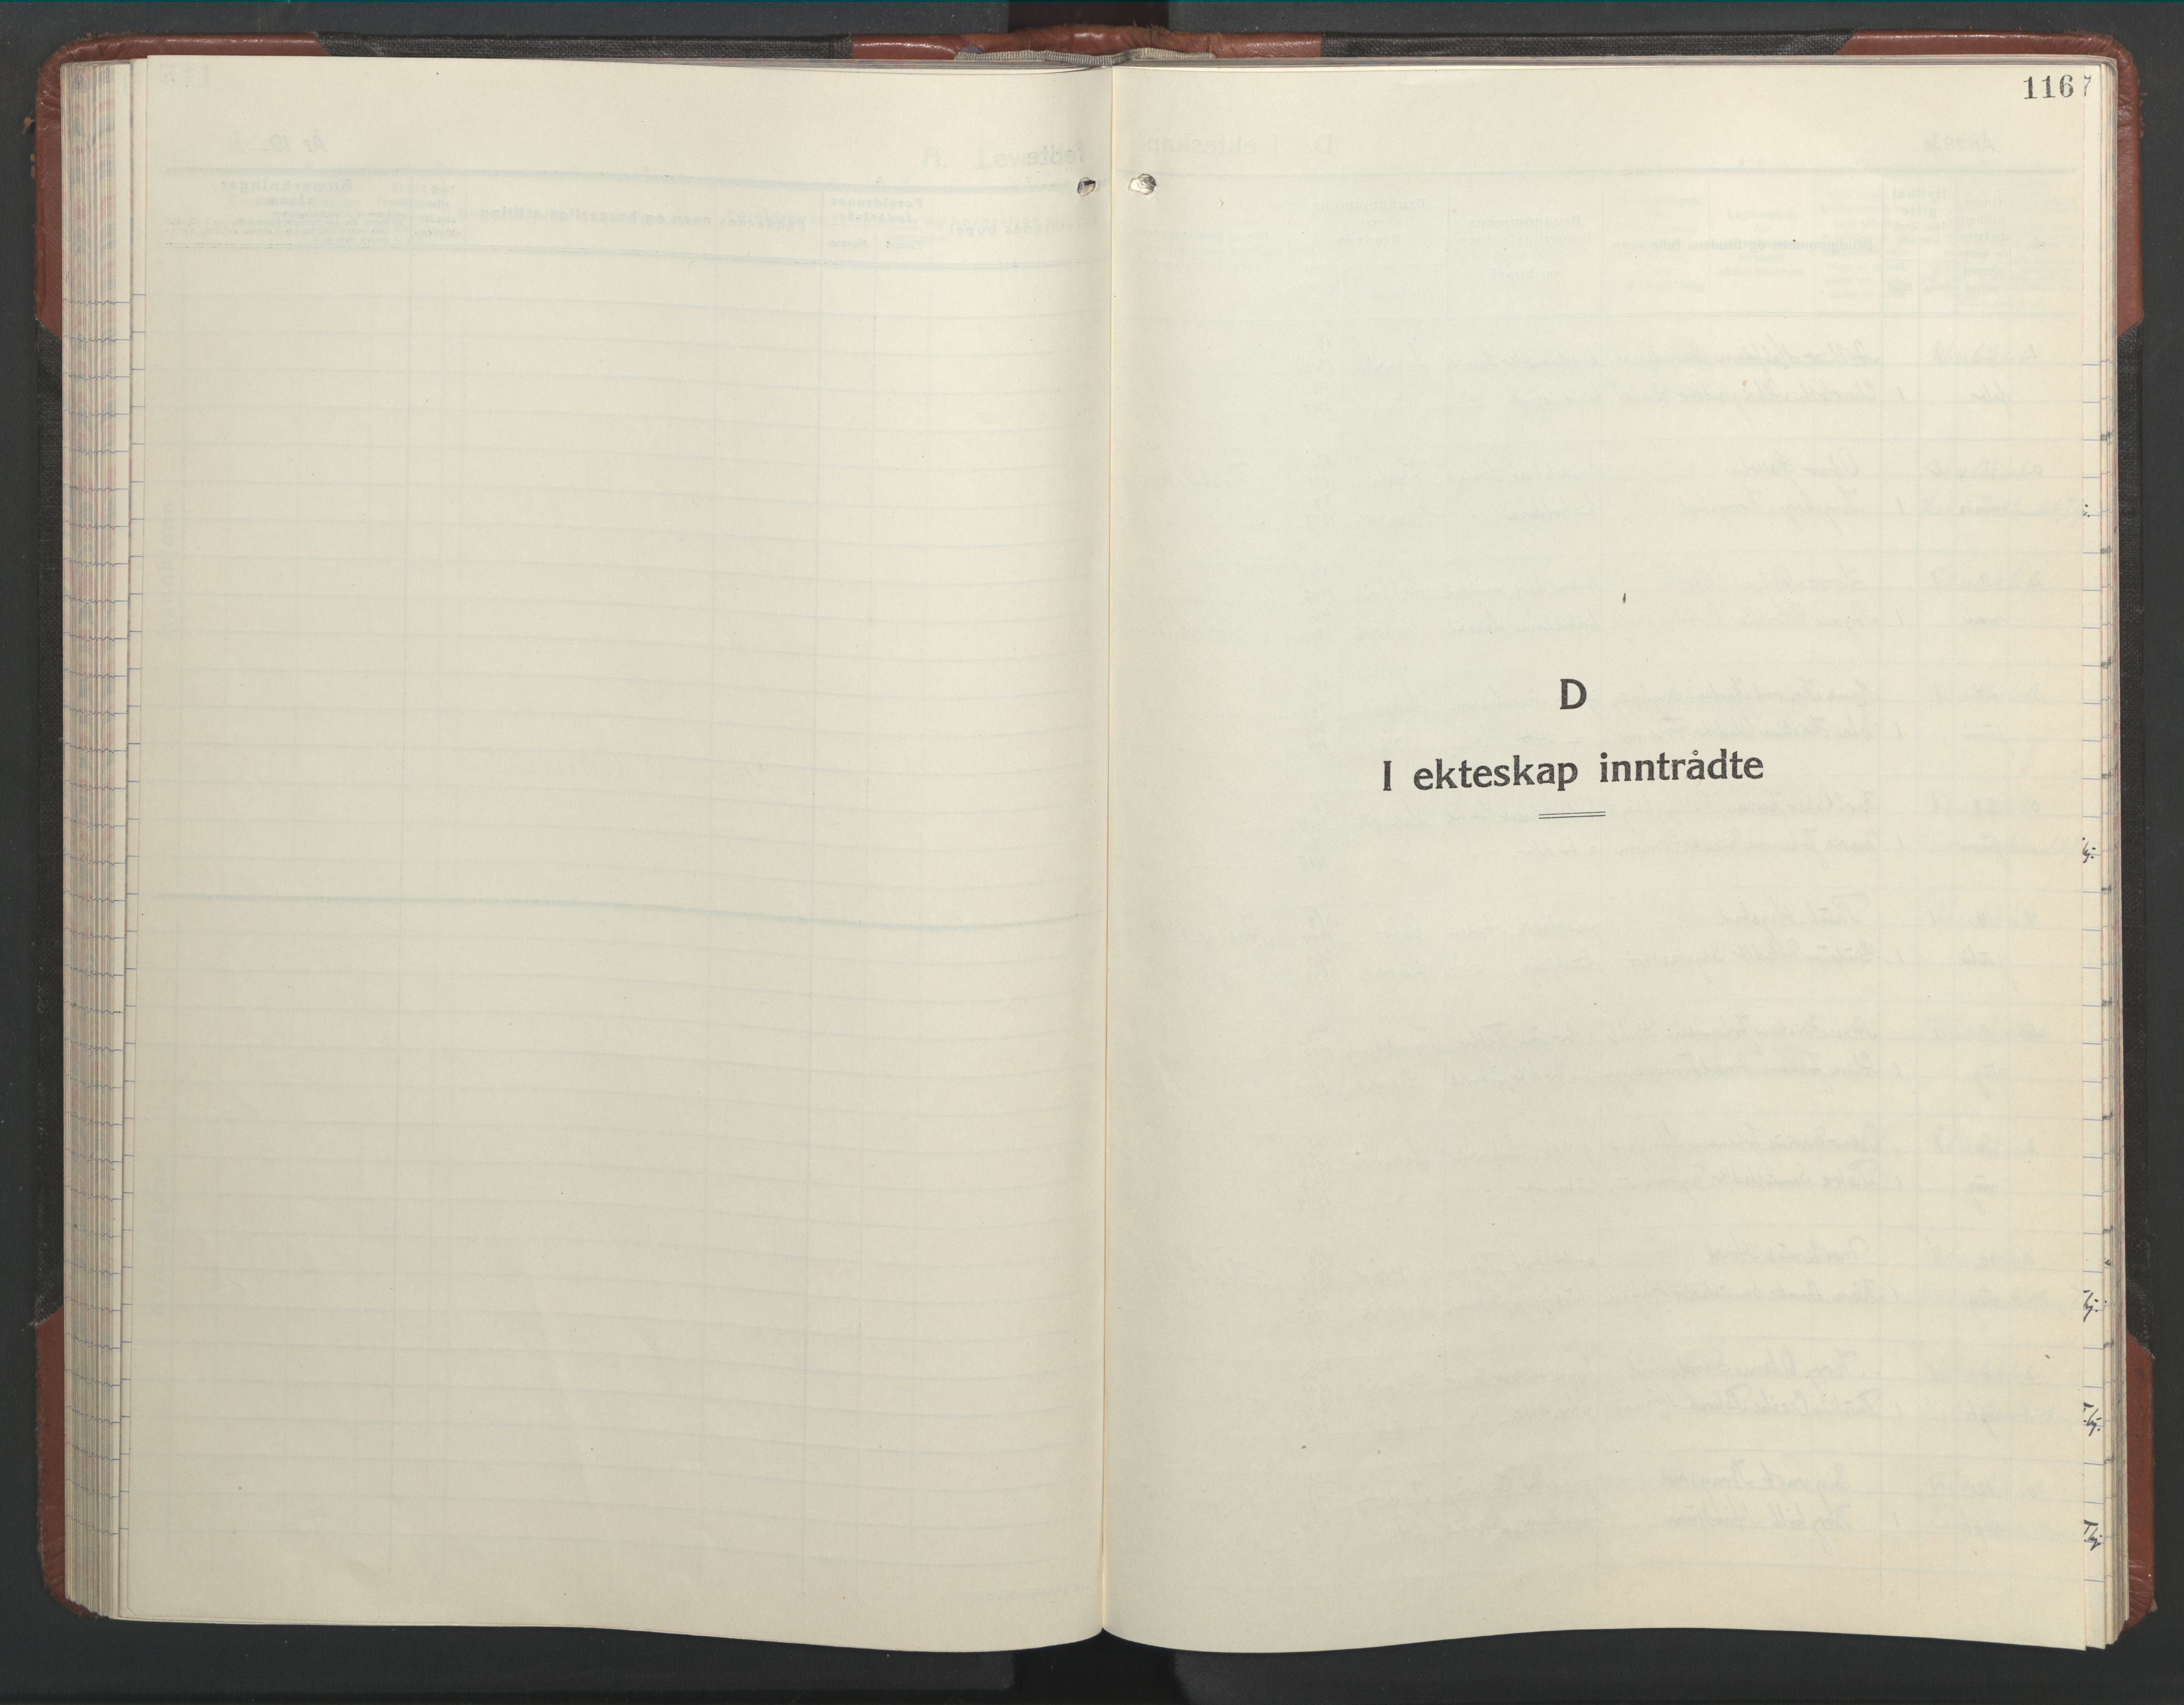 SAT, Ministerialprotokoller, klokkerbøker og fødselsregistre - Nord-Trøndelag, 701/L0019: Klokkerbok nr. 701C03, 1930-1953, s. 116